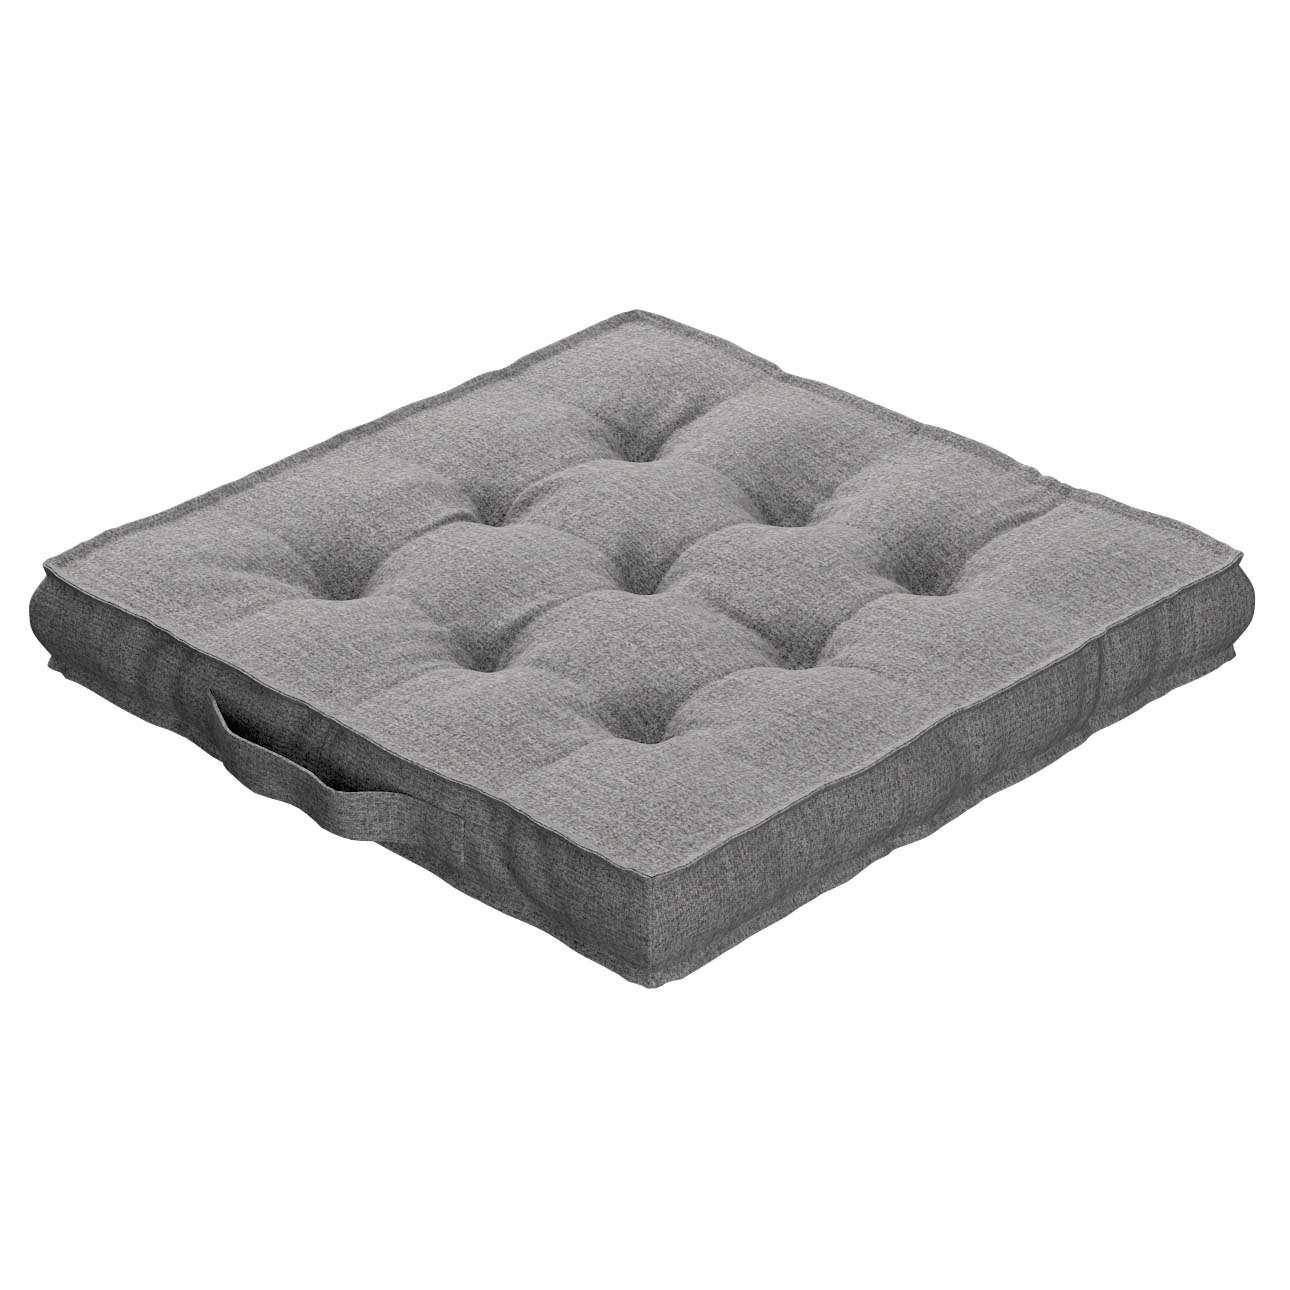 Pagalvėlė Kuba kėdei/ant grindų 40 x 40 x 6 cm kolekcijoje Edinburgh , audinys: 115-81